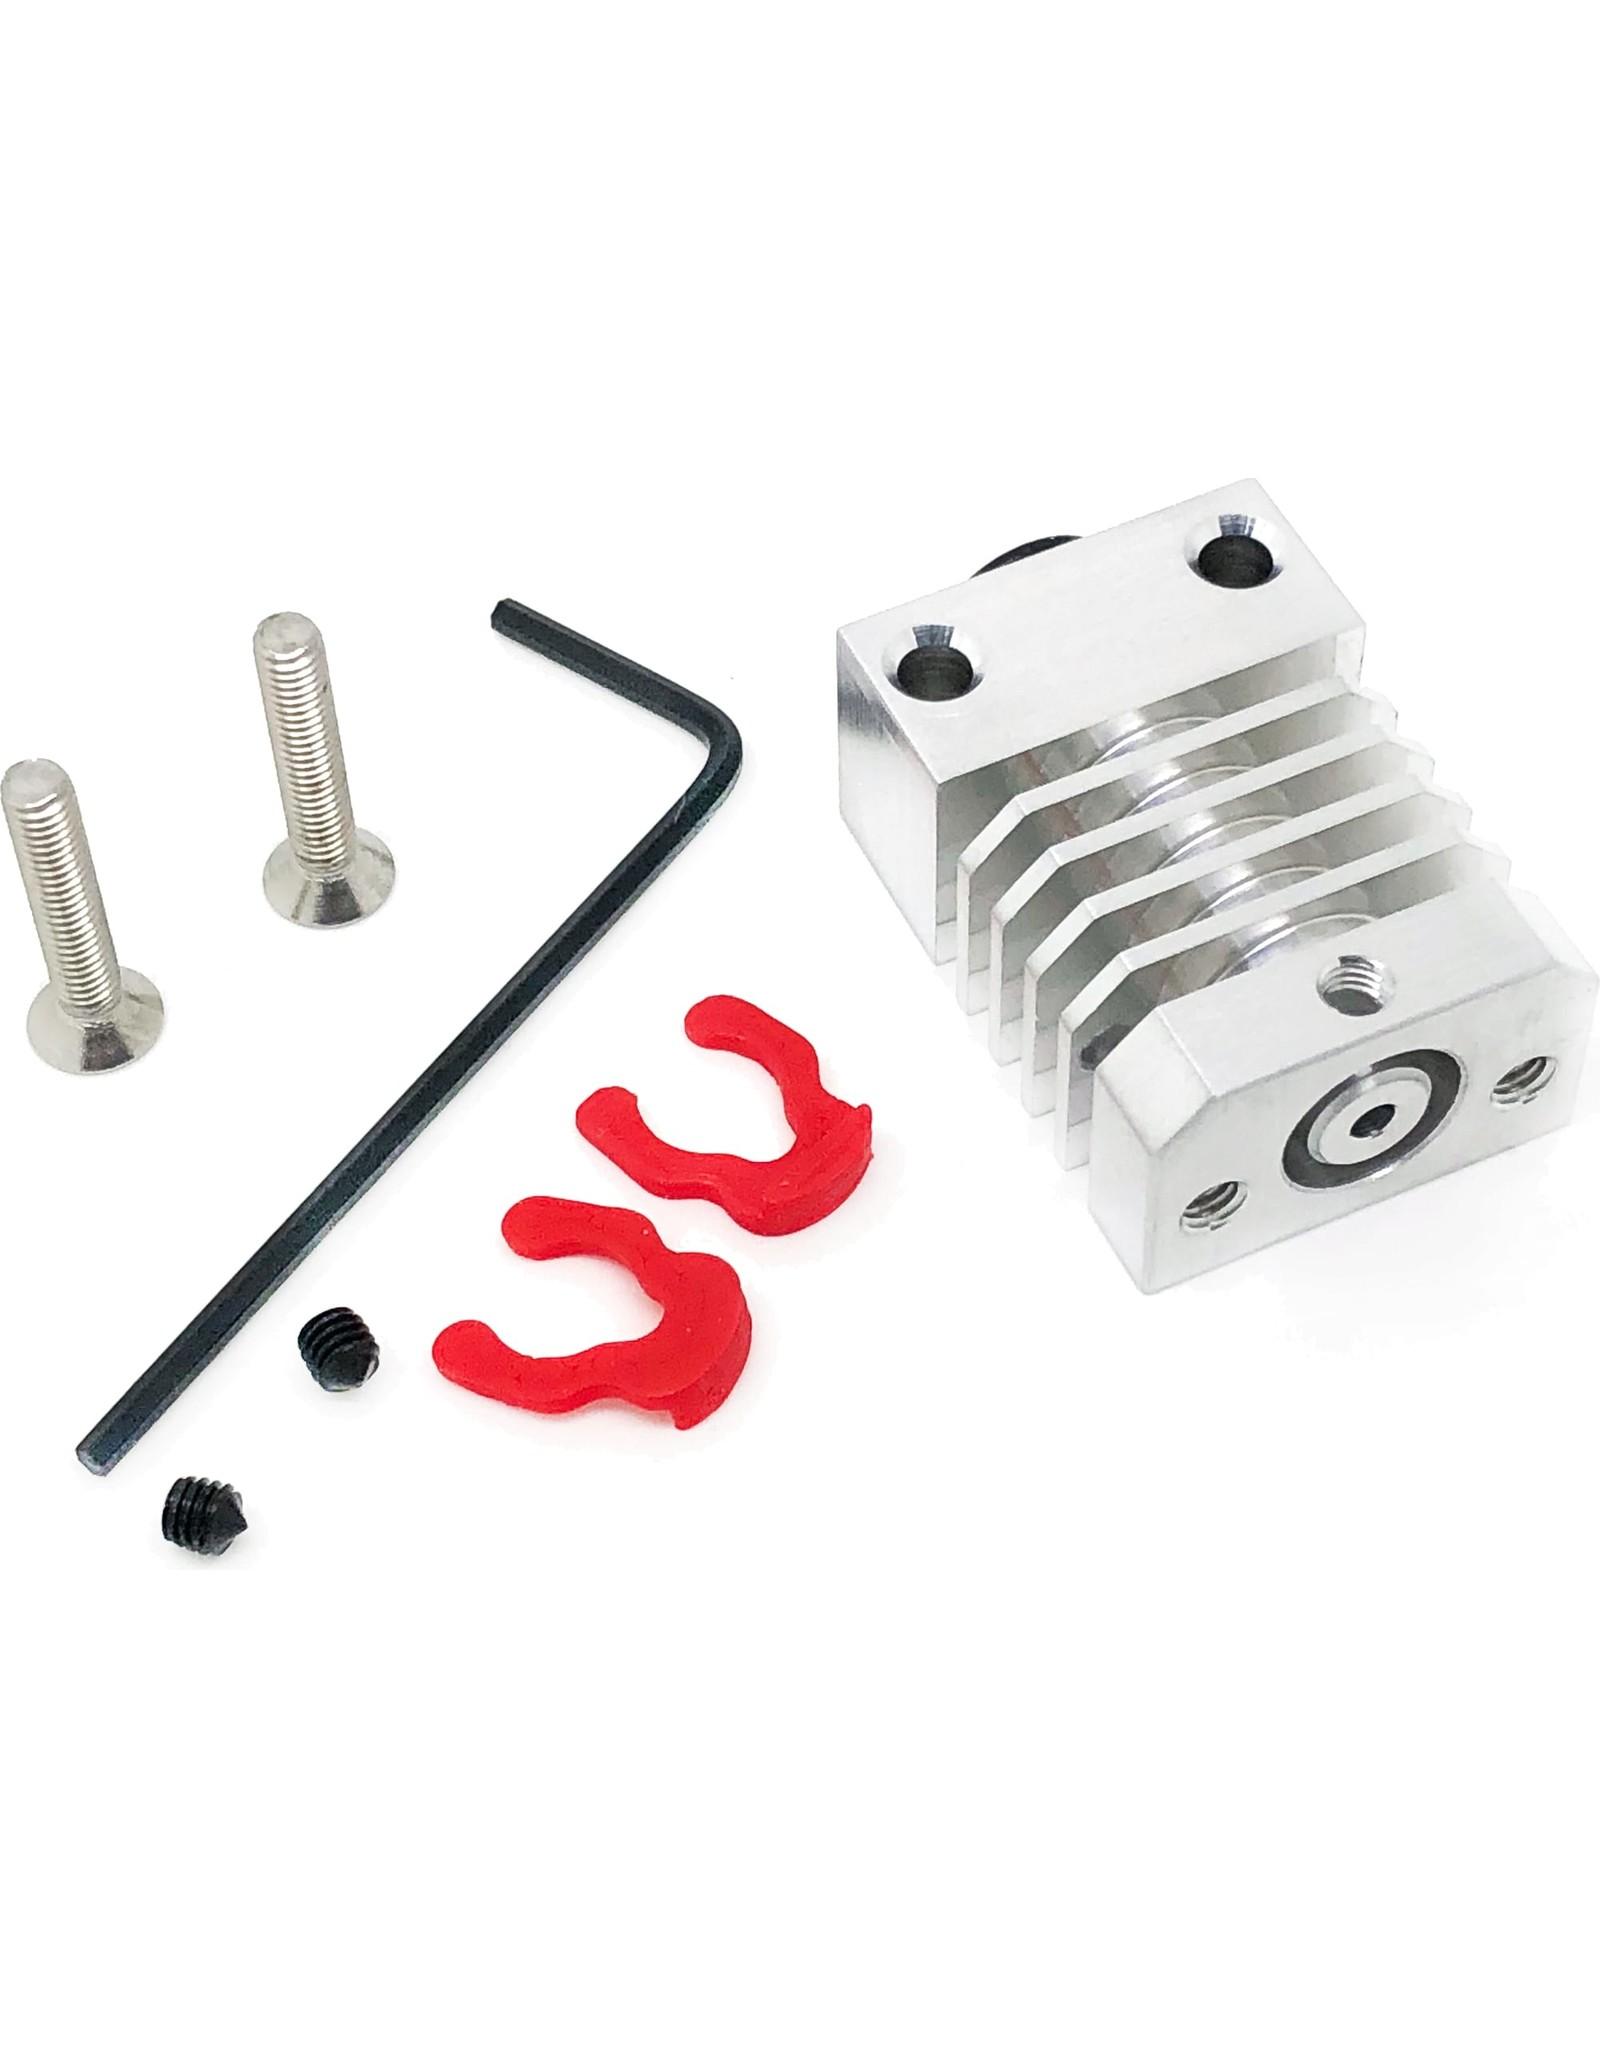 Micro Swiss Vervangend koelblok voor Micro Swiss All Metal Hotend-set voor CR-10 printer